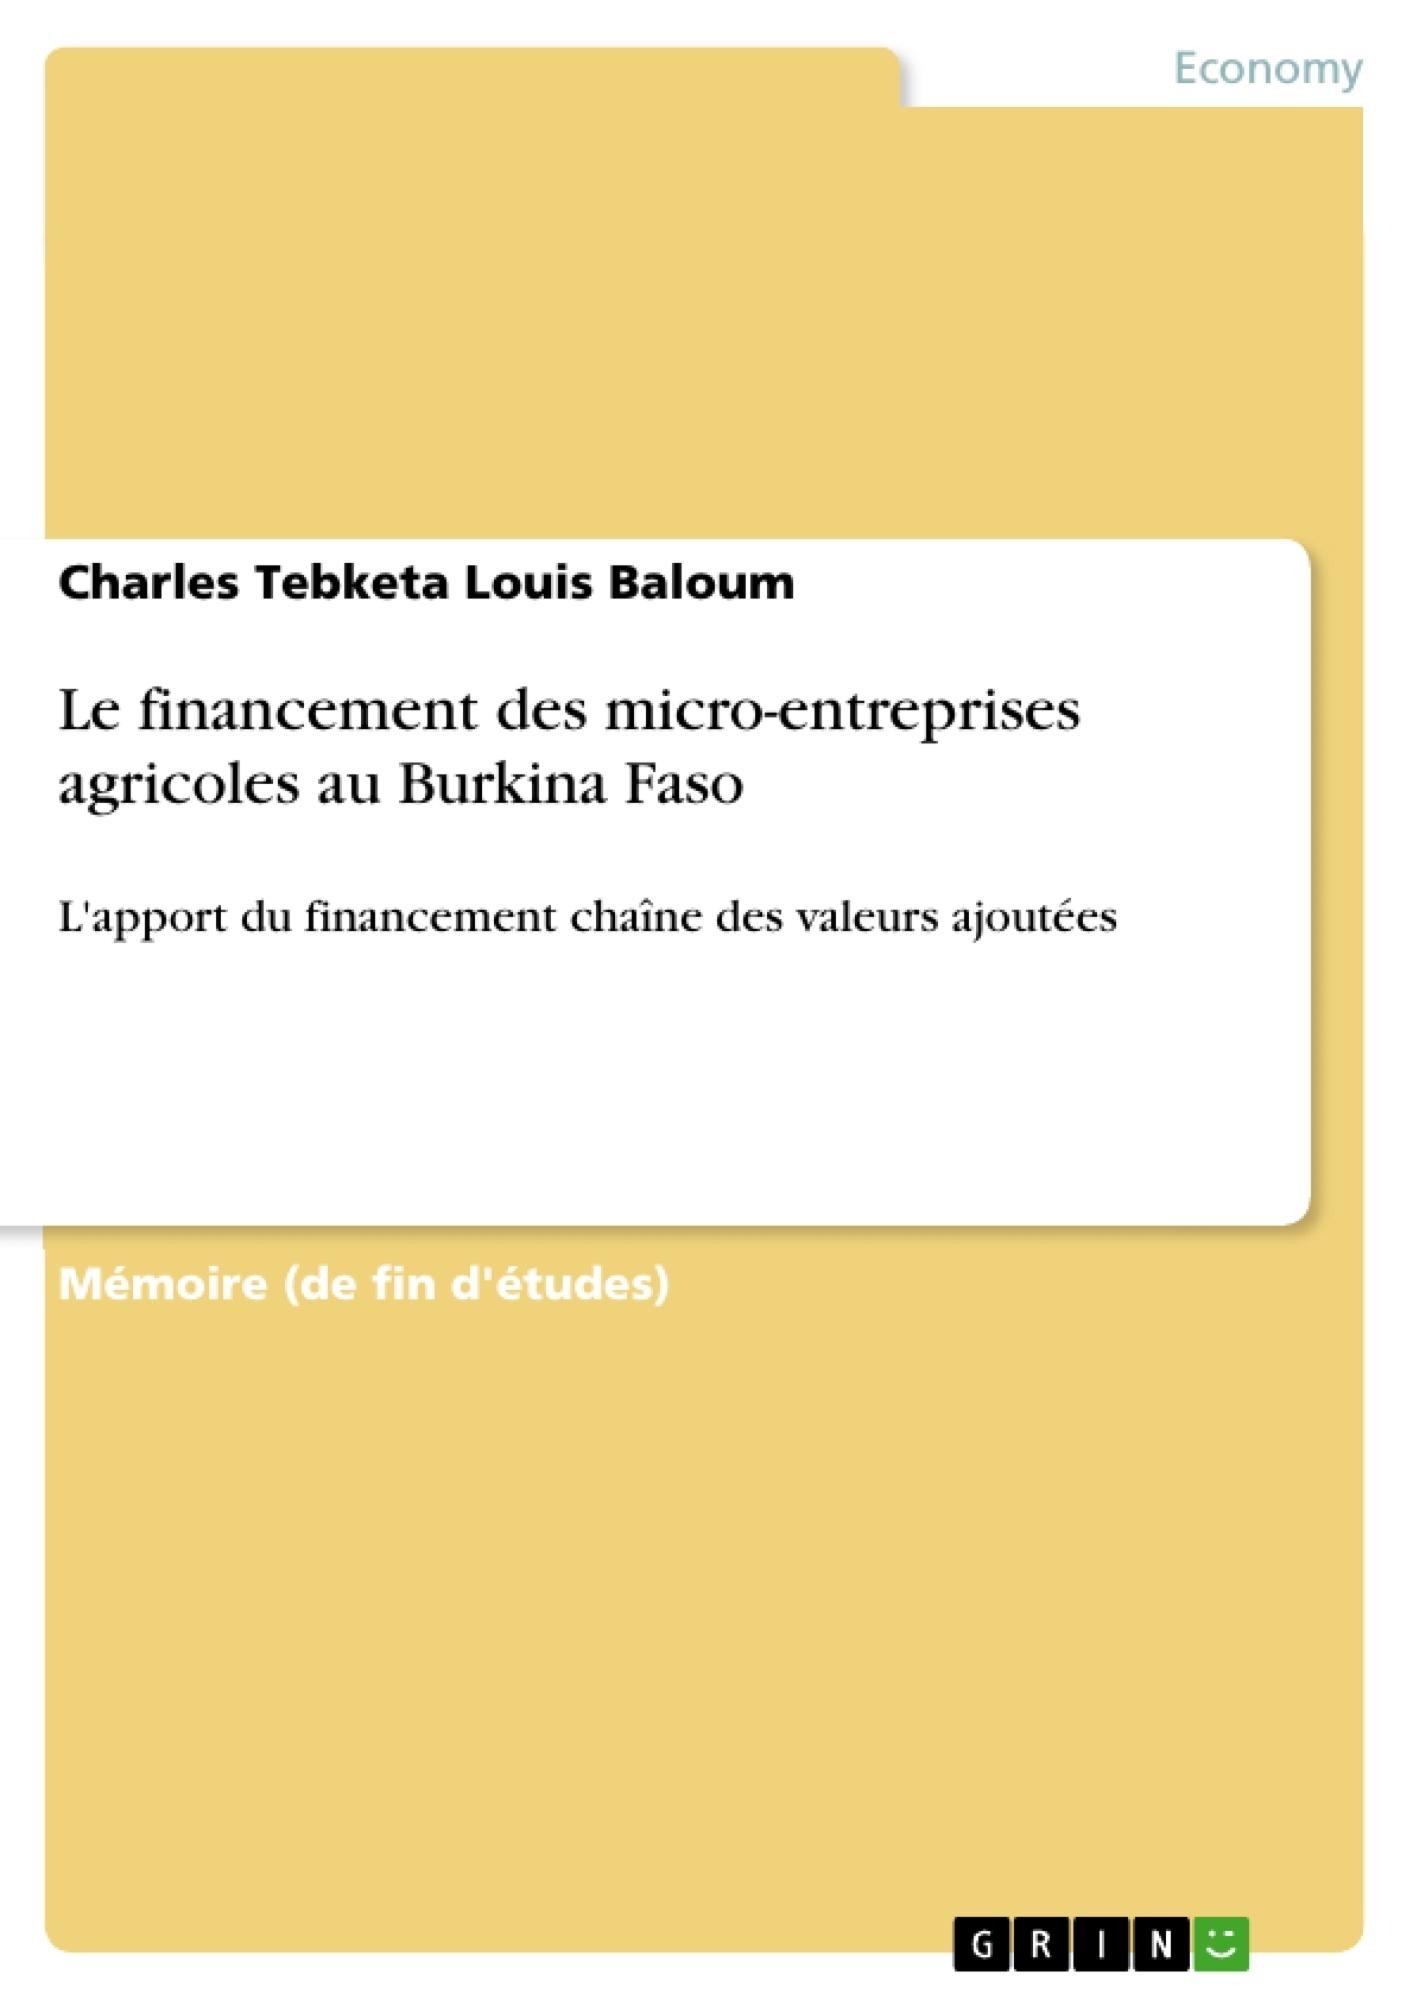 Titre: Le financement des micro-entreprises agricoles au Burkina Faso